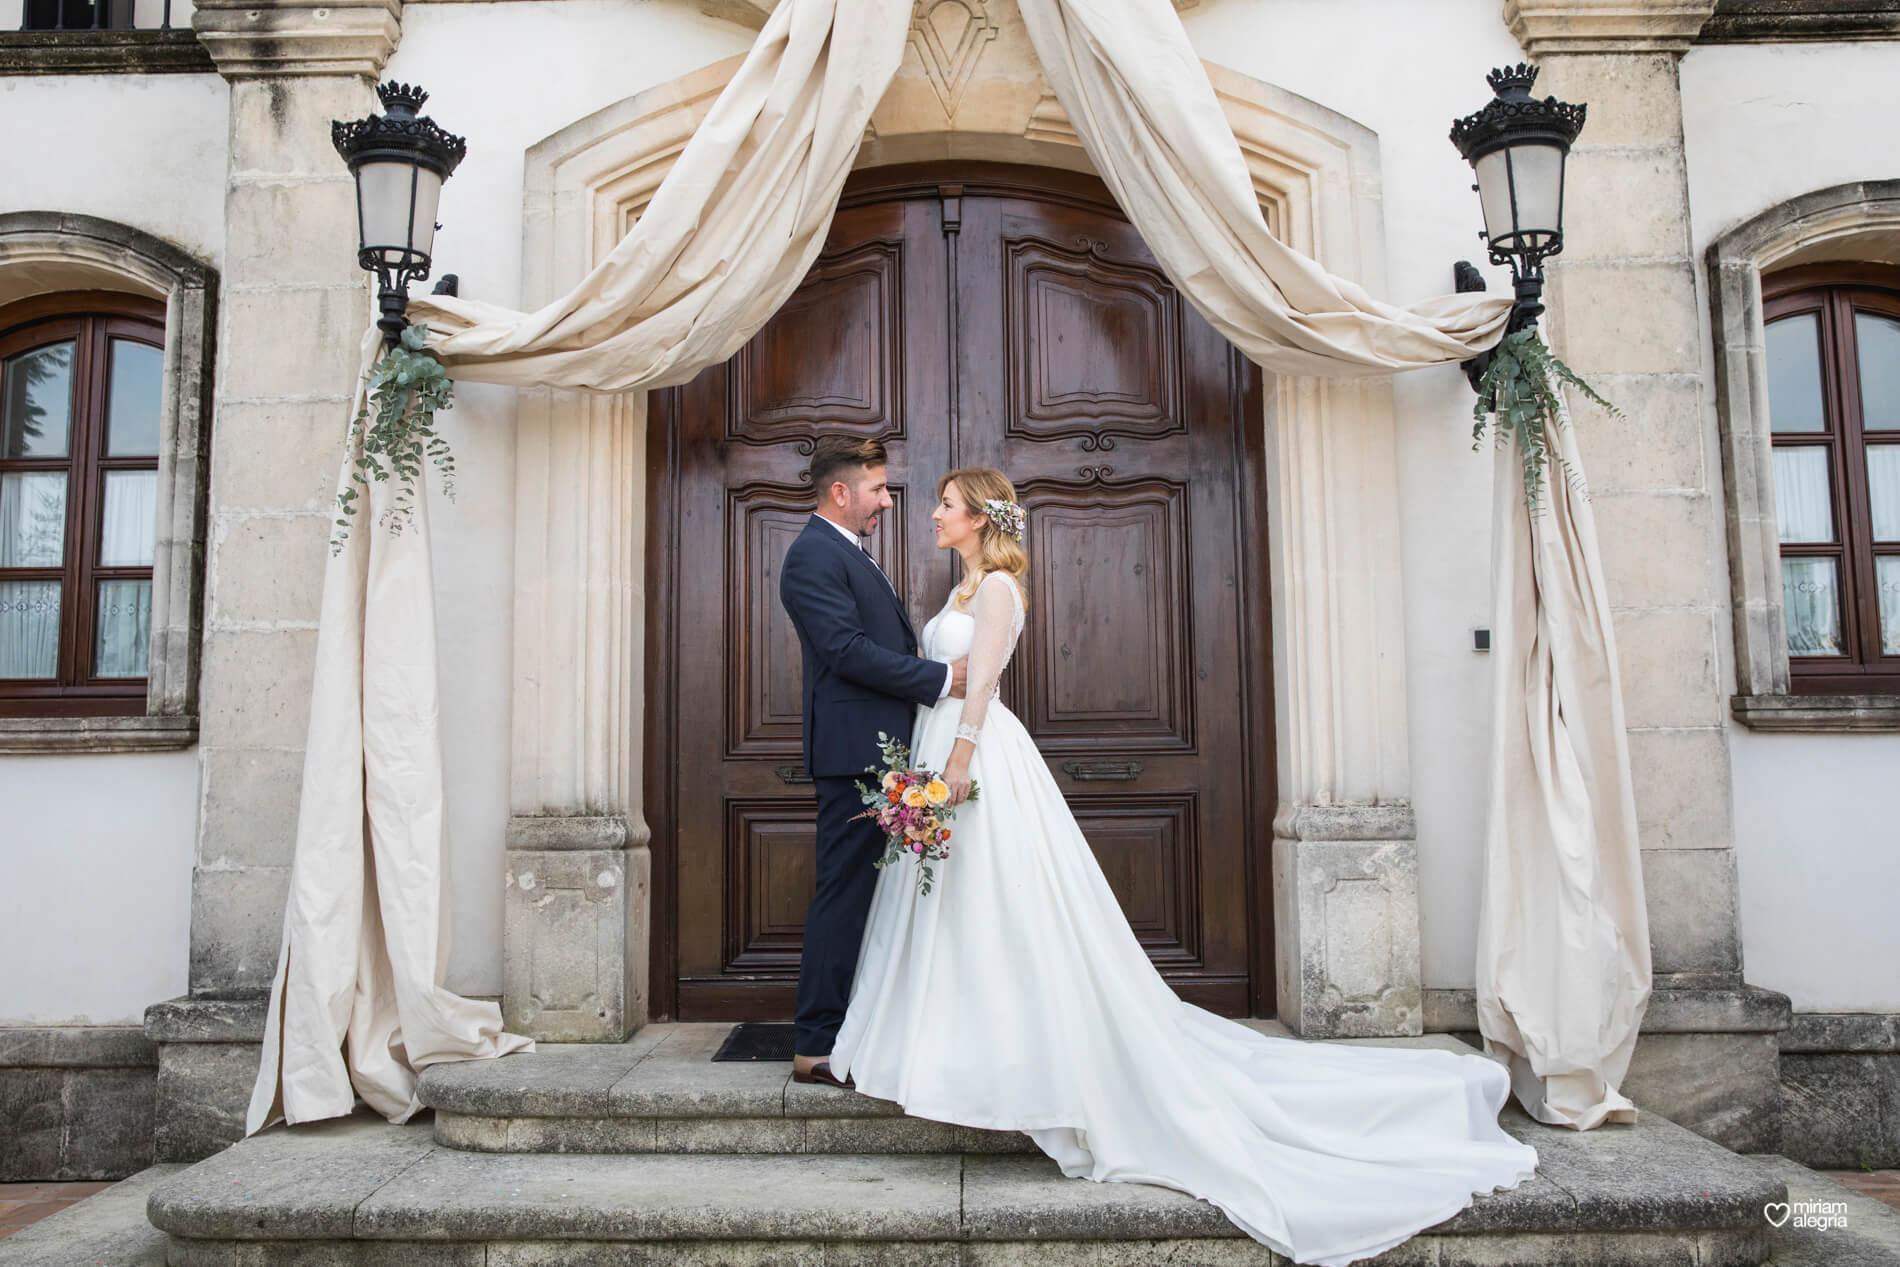 boda-en-finca-villa-vera-de-alemc7-miriam-alegria-fotografos-boda-murcia-103